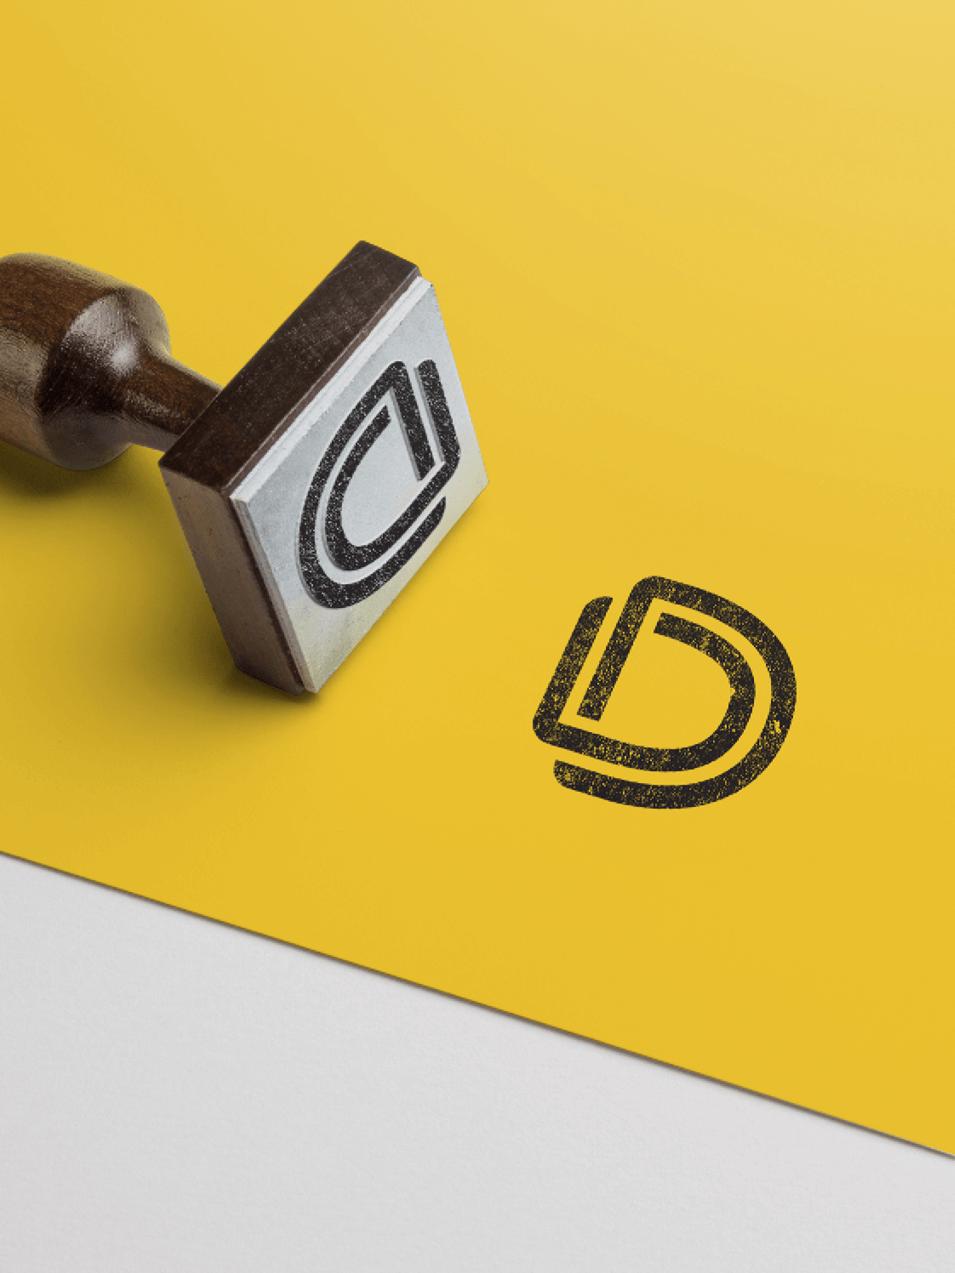 klar-agency_deldro_6.png